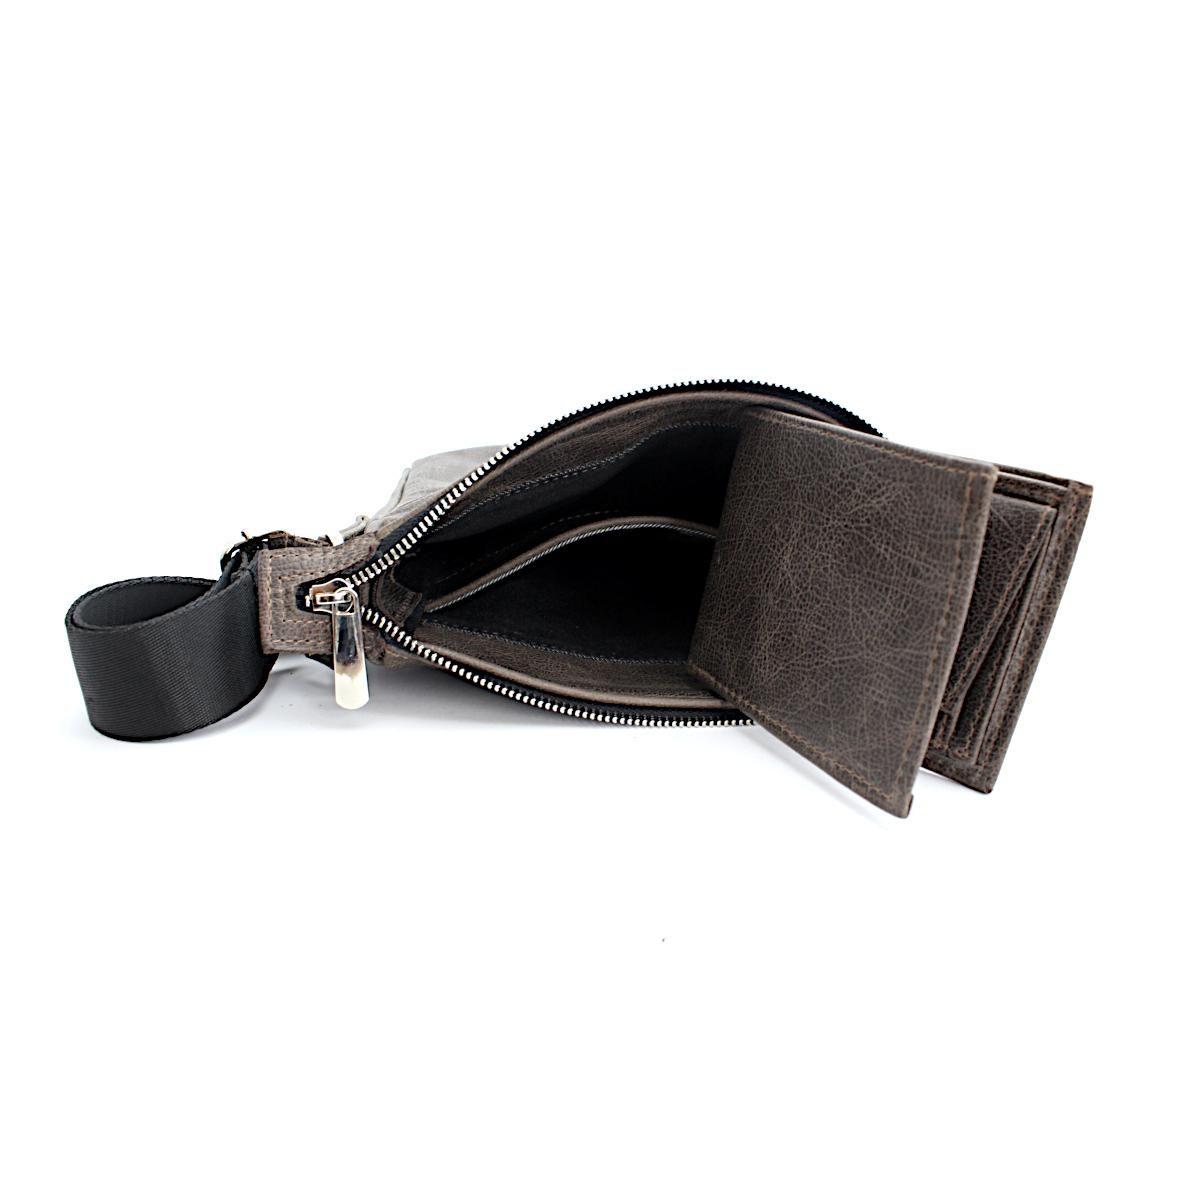 Комплект мъжка чанта и портфейл сив отвътре